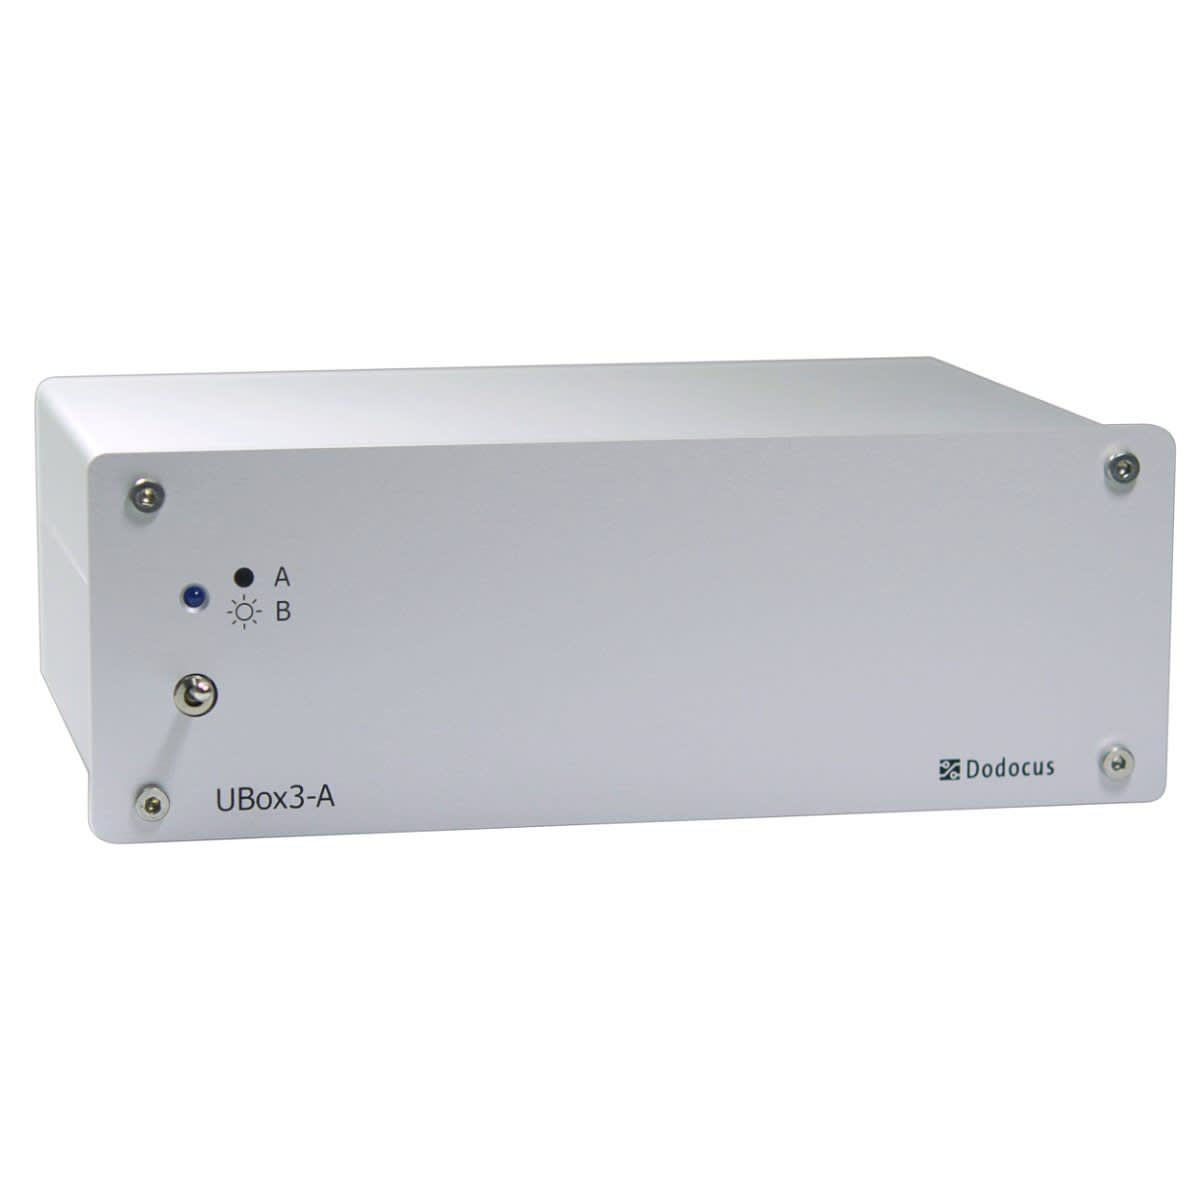 ✅ HiFi Audio Umschalter für Lautsprecher- und Cinch-Signale